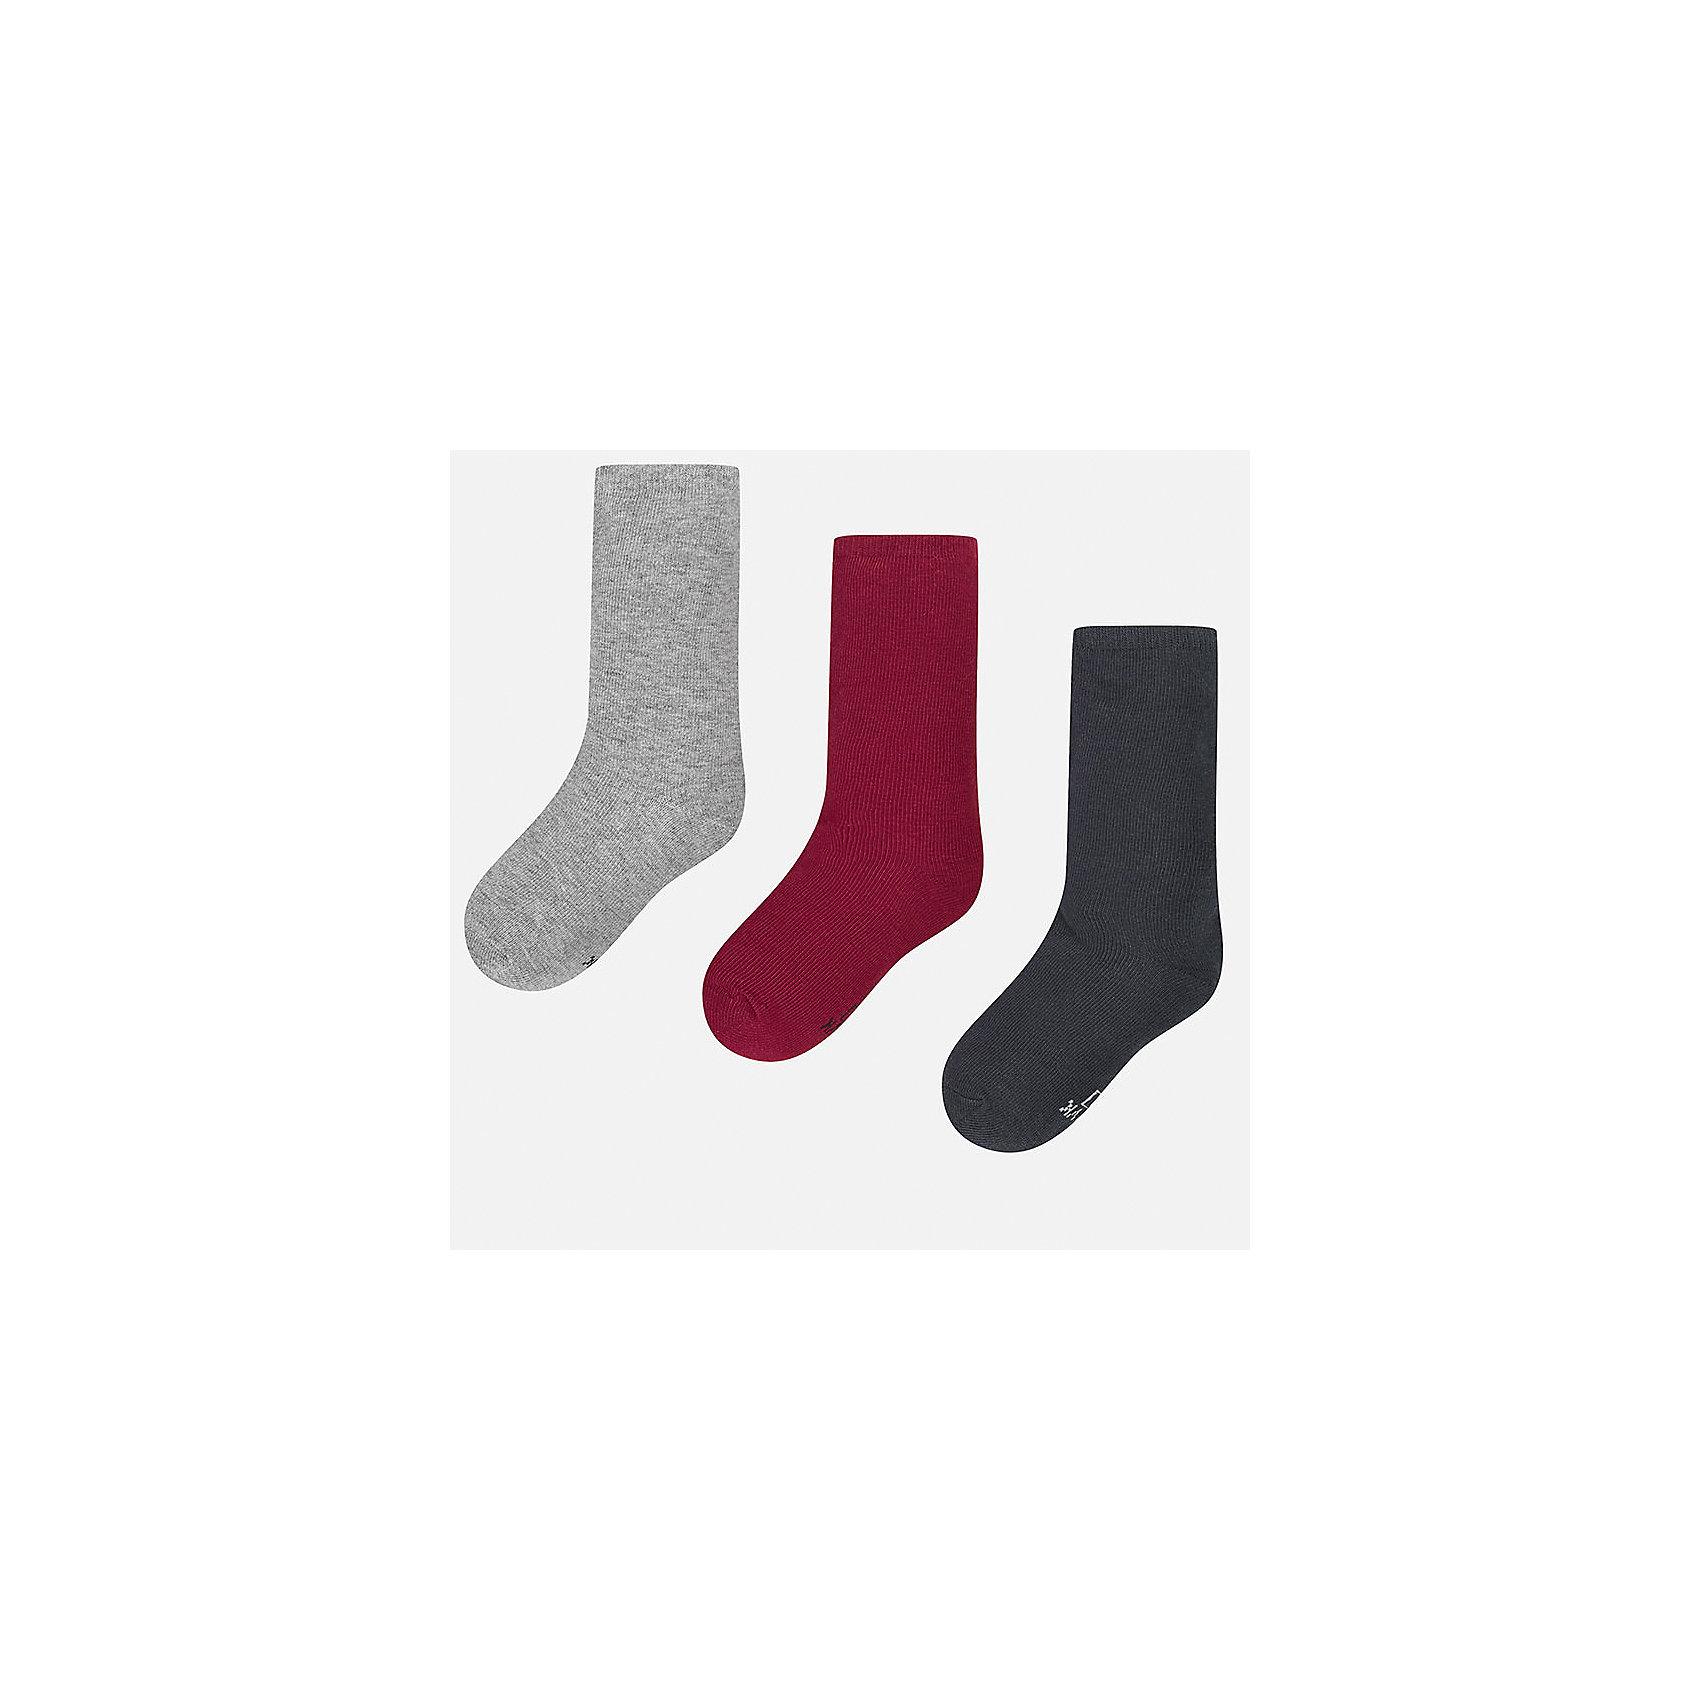 Комплект: 3 пары носков для мальчика MayoralКомплект из 3 пар носков для мальчика от известного испанского бренда Mayoral. Носки изготовлены из качественных дышащих, водоотталкивающих материалов. Классические однотонные носки прекрасно подойдут на каждый день!<br>Дополнительная информация:<br>-цвета: серый, красный, черный<br>-состав: 75% хлопок, 23% полиэстер, 2% эластан<br>Носки Mayoral можно приобрести в нашем интернет-магазине<br><br>Ширина мм: 87<br>Глубина мм: 10<br>Высота мм: 105<br>Вес г: 115<br>Цвет: бордовый<br>Возраст от месяцев: 156<br>Возраст до месяцев: 168<br>Пол: Мужской<br>Возраст: Детский<br>Размер: 14,10,12,8,16,18<br>SKU: 4820274